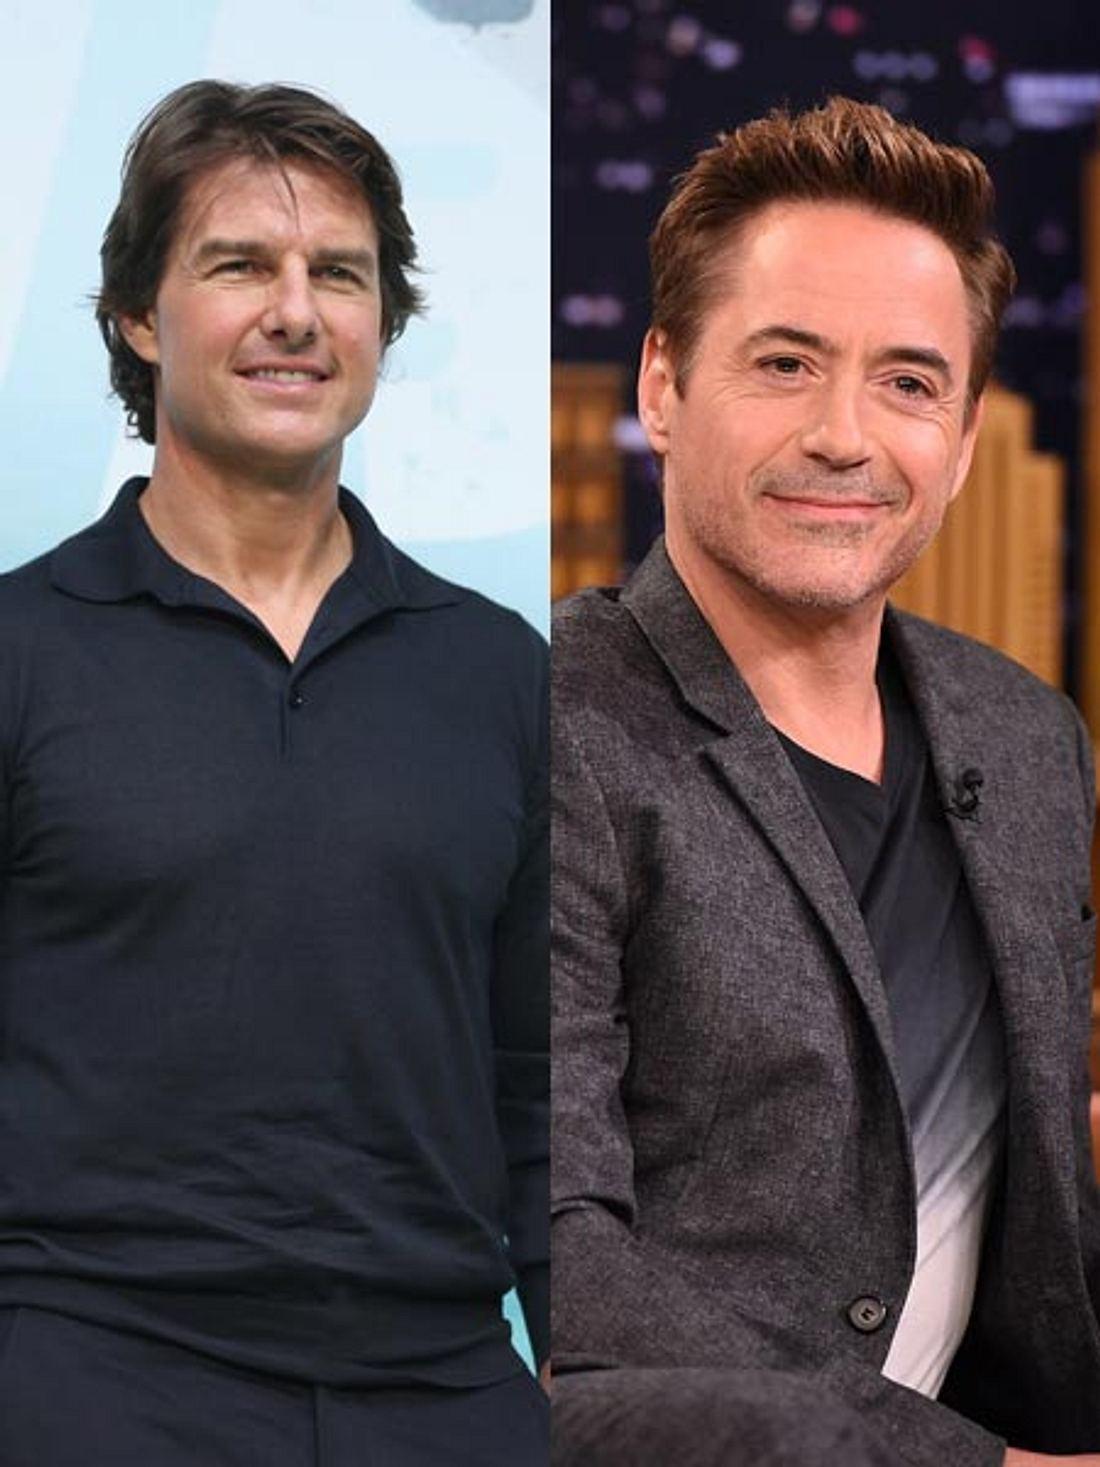 Robert Downey Jr. ist der Mr. Millionaire unter den Schauspielern! Der ehemalige Überflieger Cruise landete nur auf Platz 4